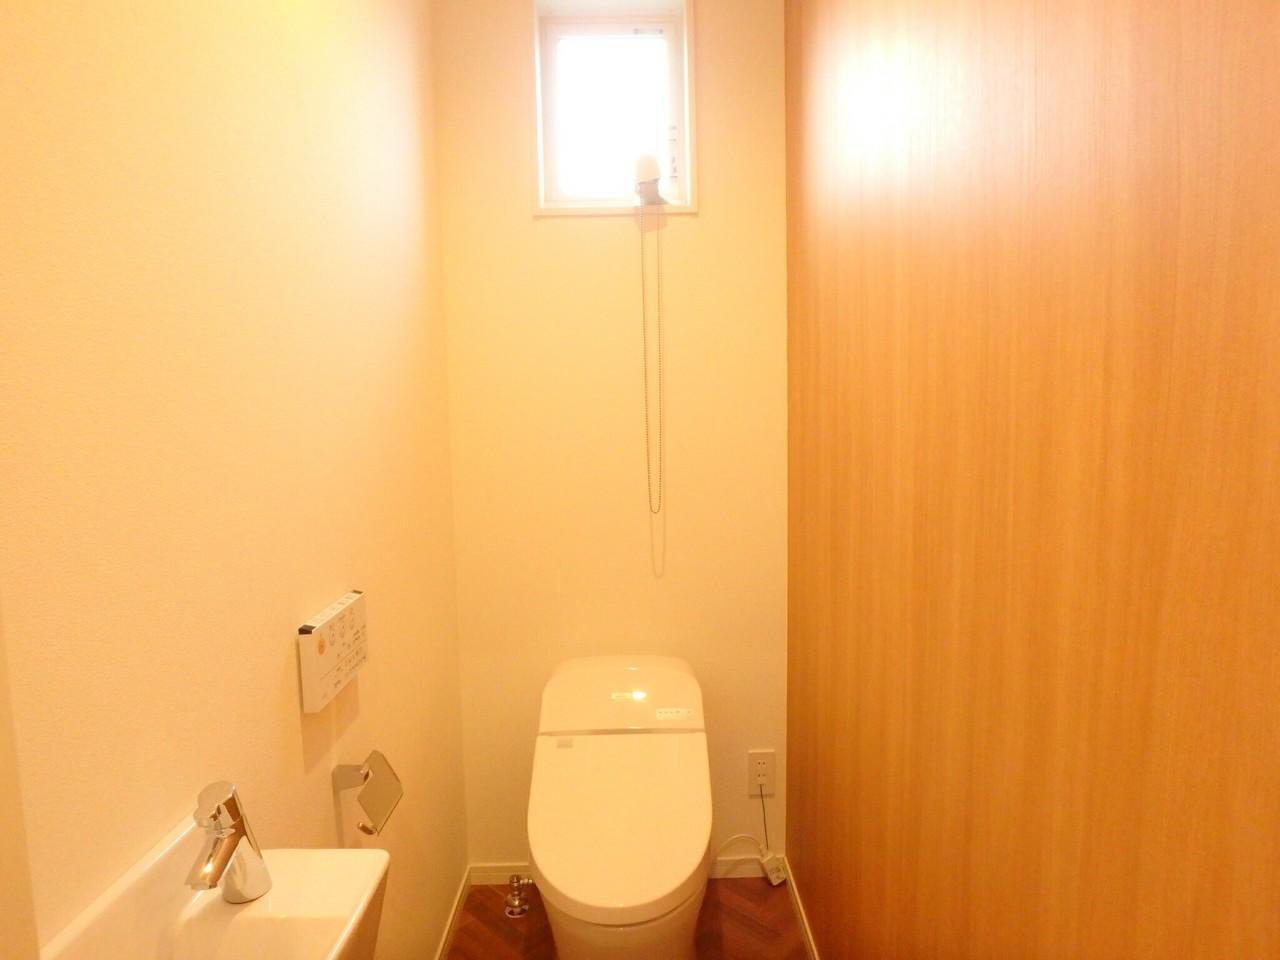 トイレは窓付きなので換気がしやすいですね。 浴室同様に、木の色調をいかした空間となっています。